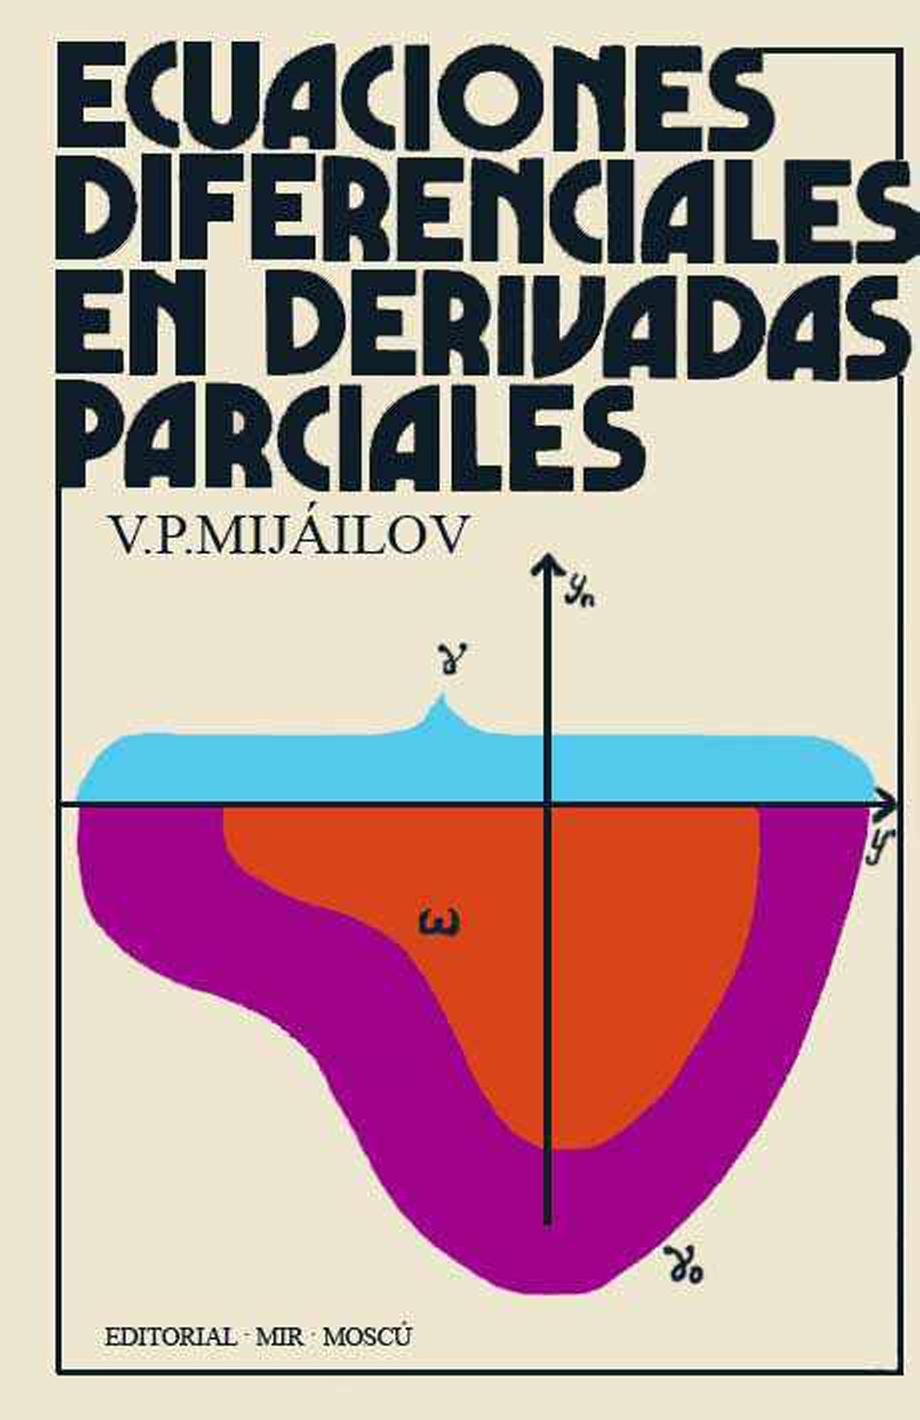 Ecuaciones diferenciales en derivadas parciales – V. P. Mijáilov